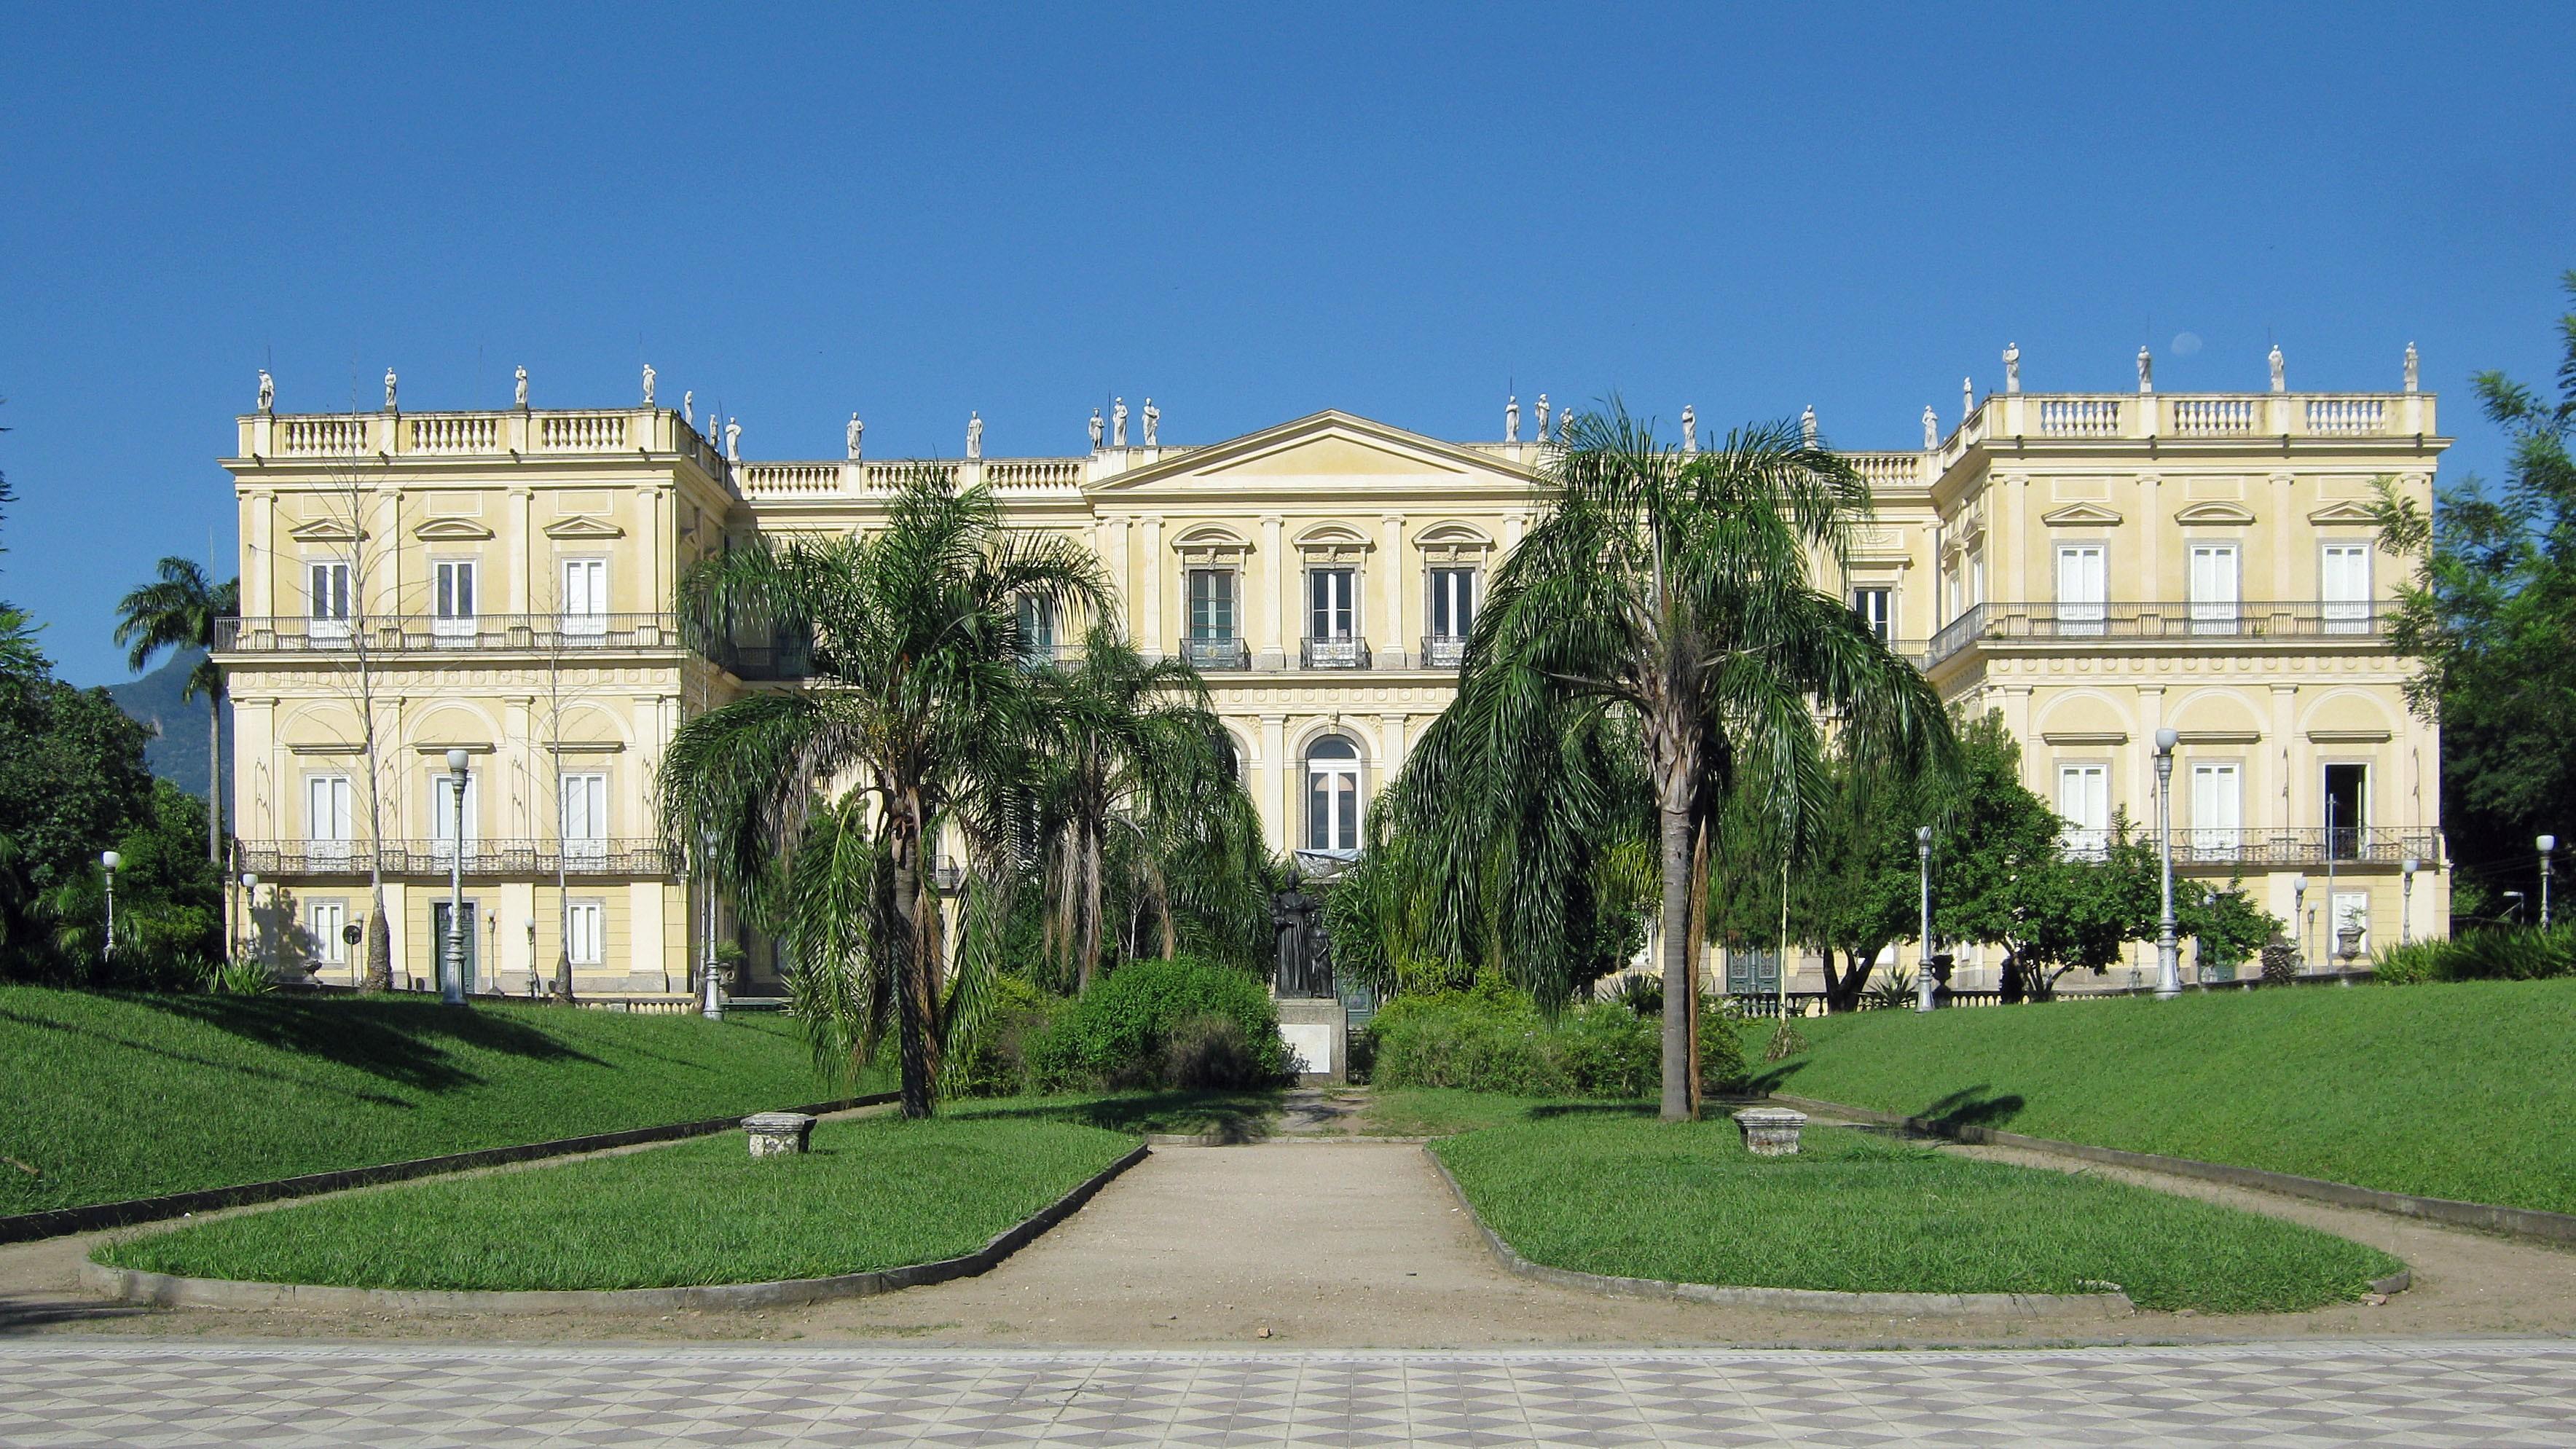 Palácio de São Cristovão antes do incêndio (Foto: Divulgação)